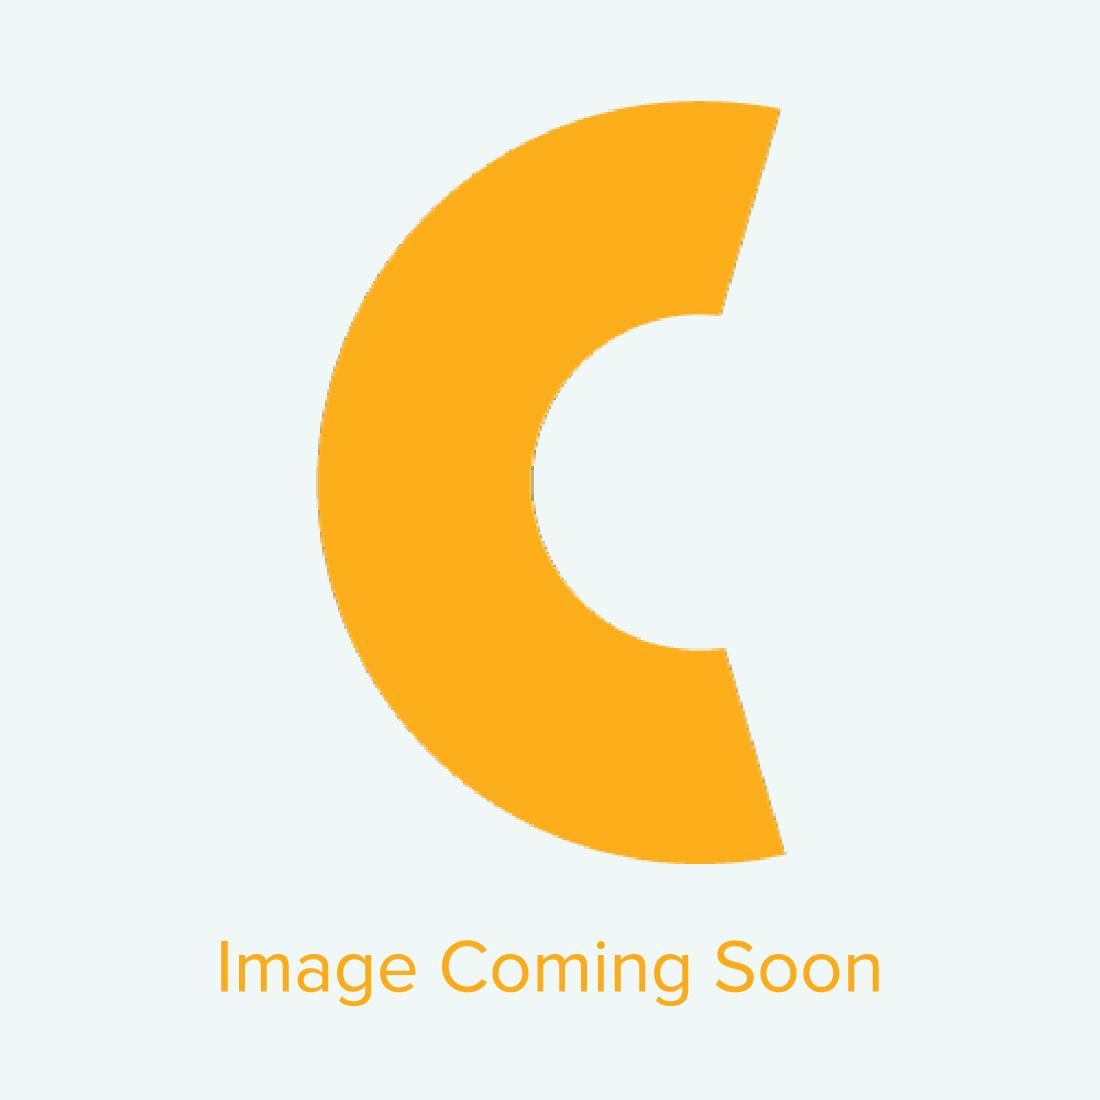 FC8600-160, FC8000-160, FC7000 MK2-160, FC7000-160 - Replacement Cutting Strip